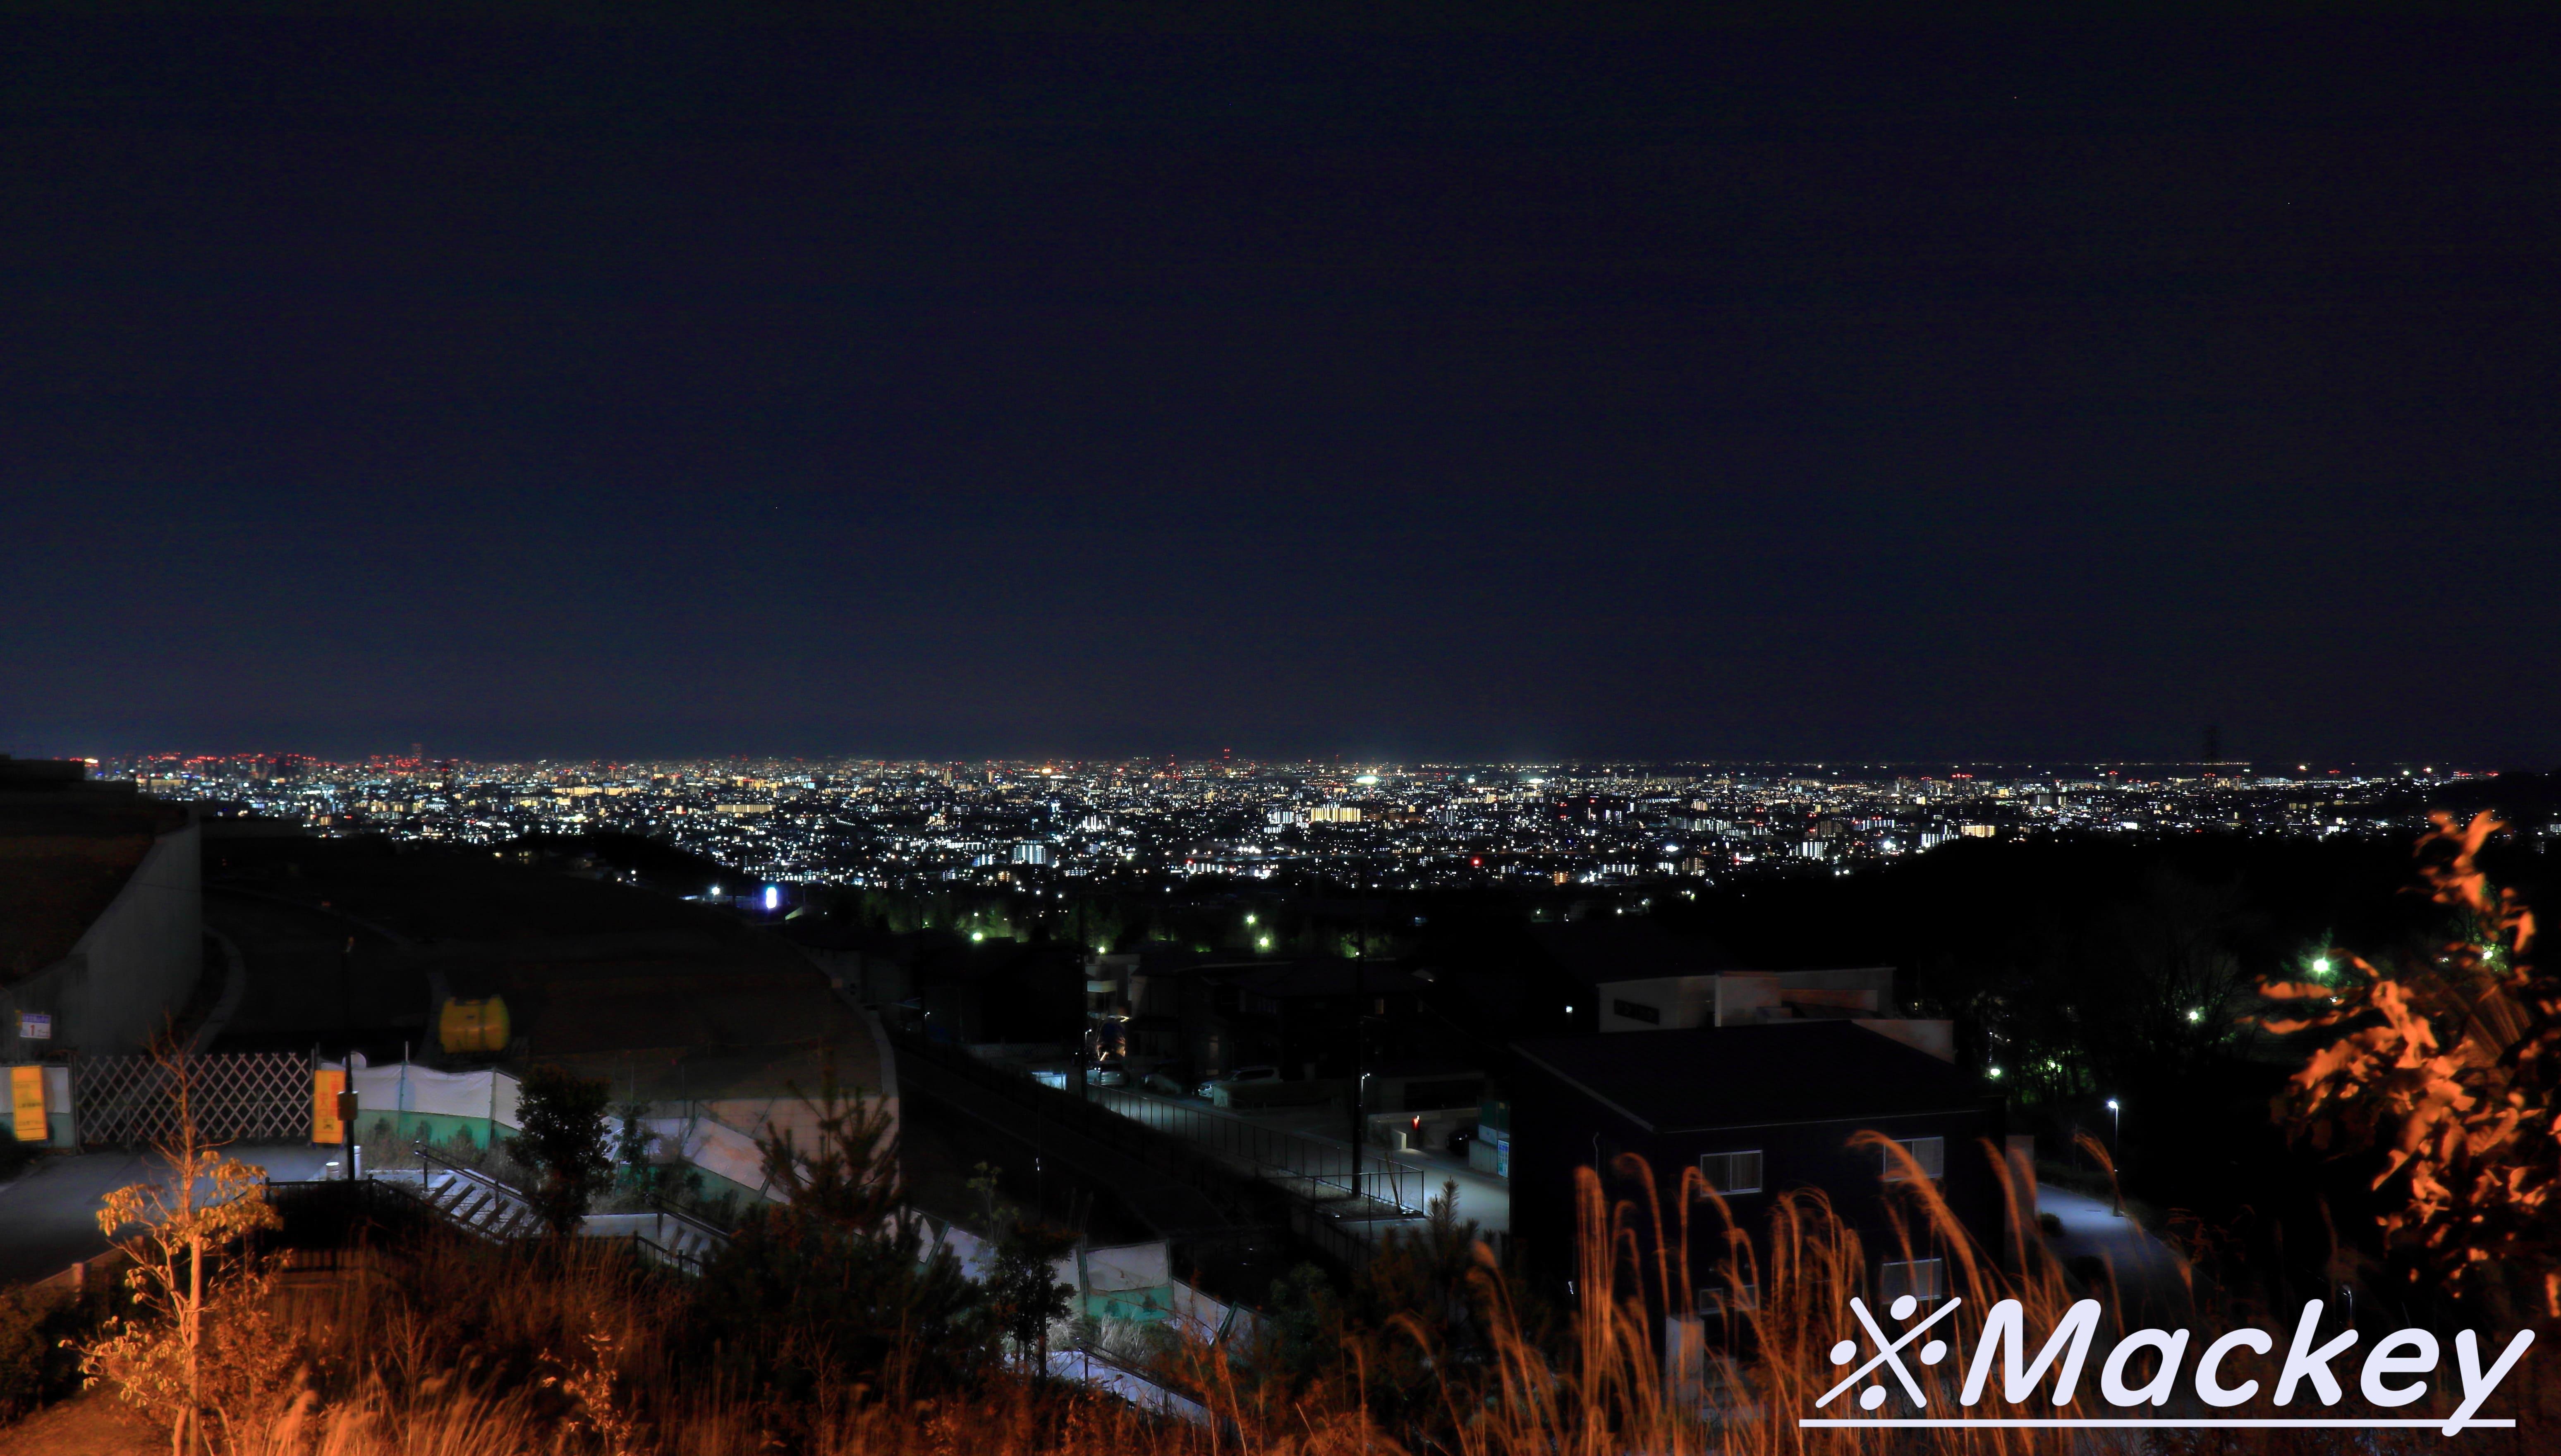 宝塚市山手台IMG_7399(白熱電球)